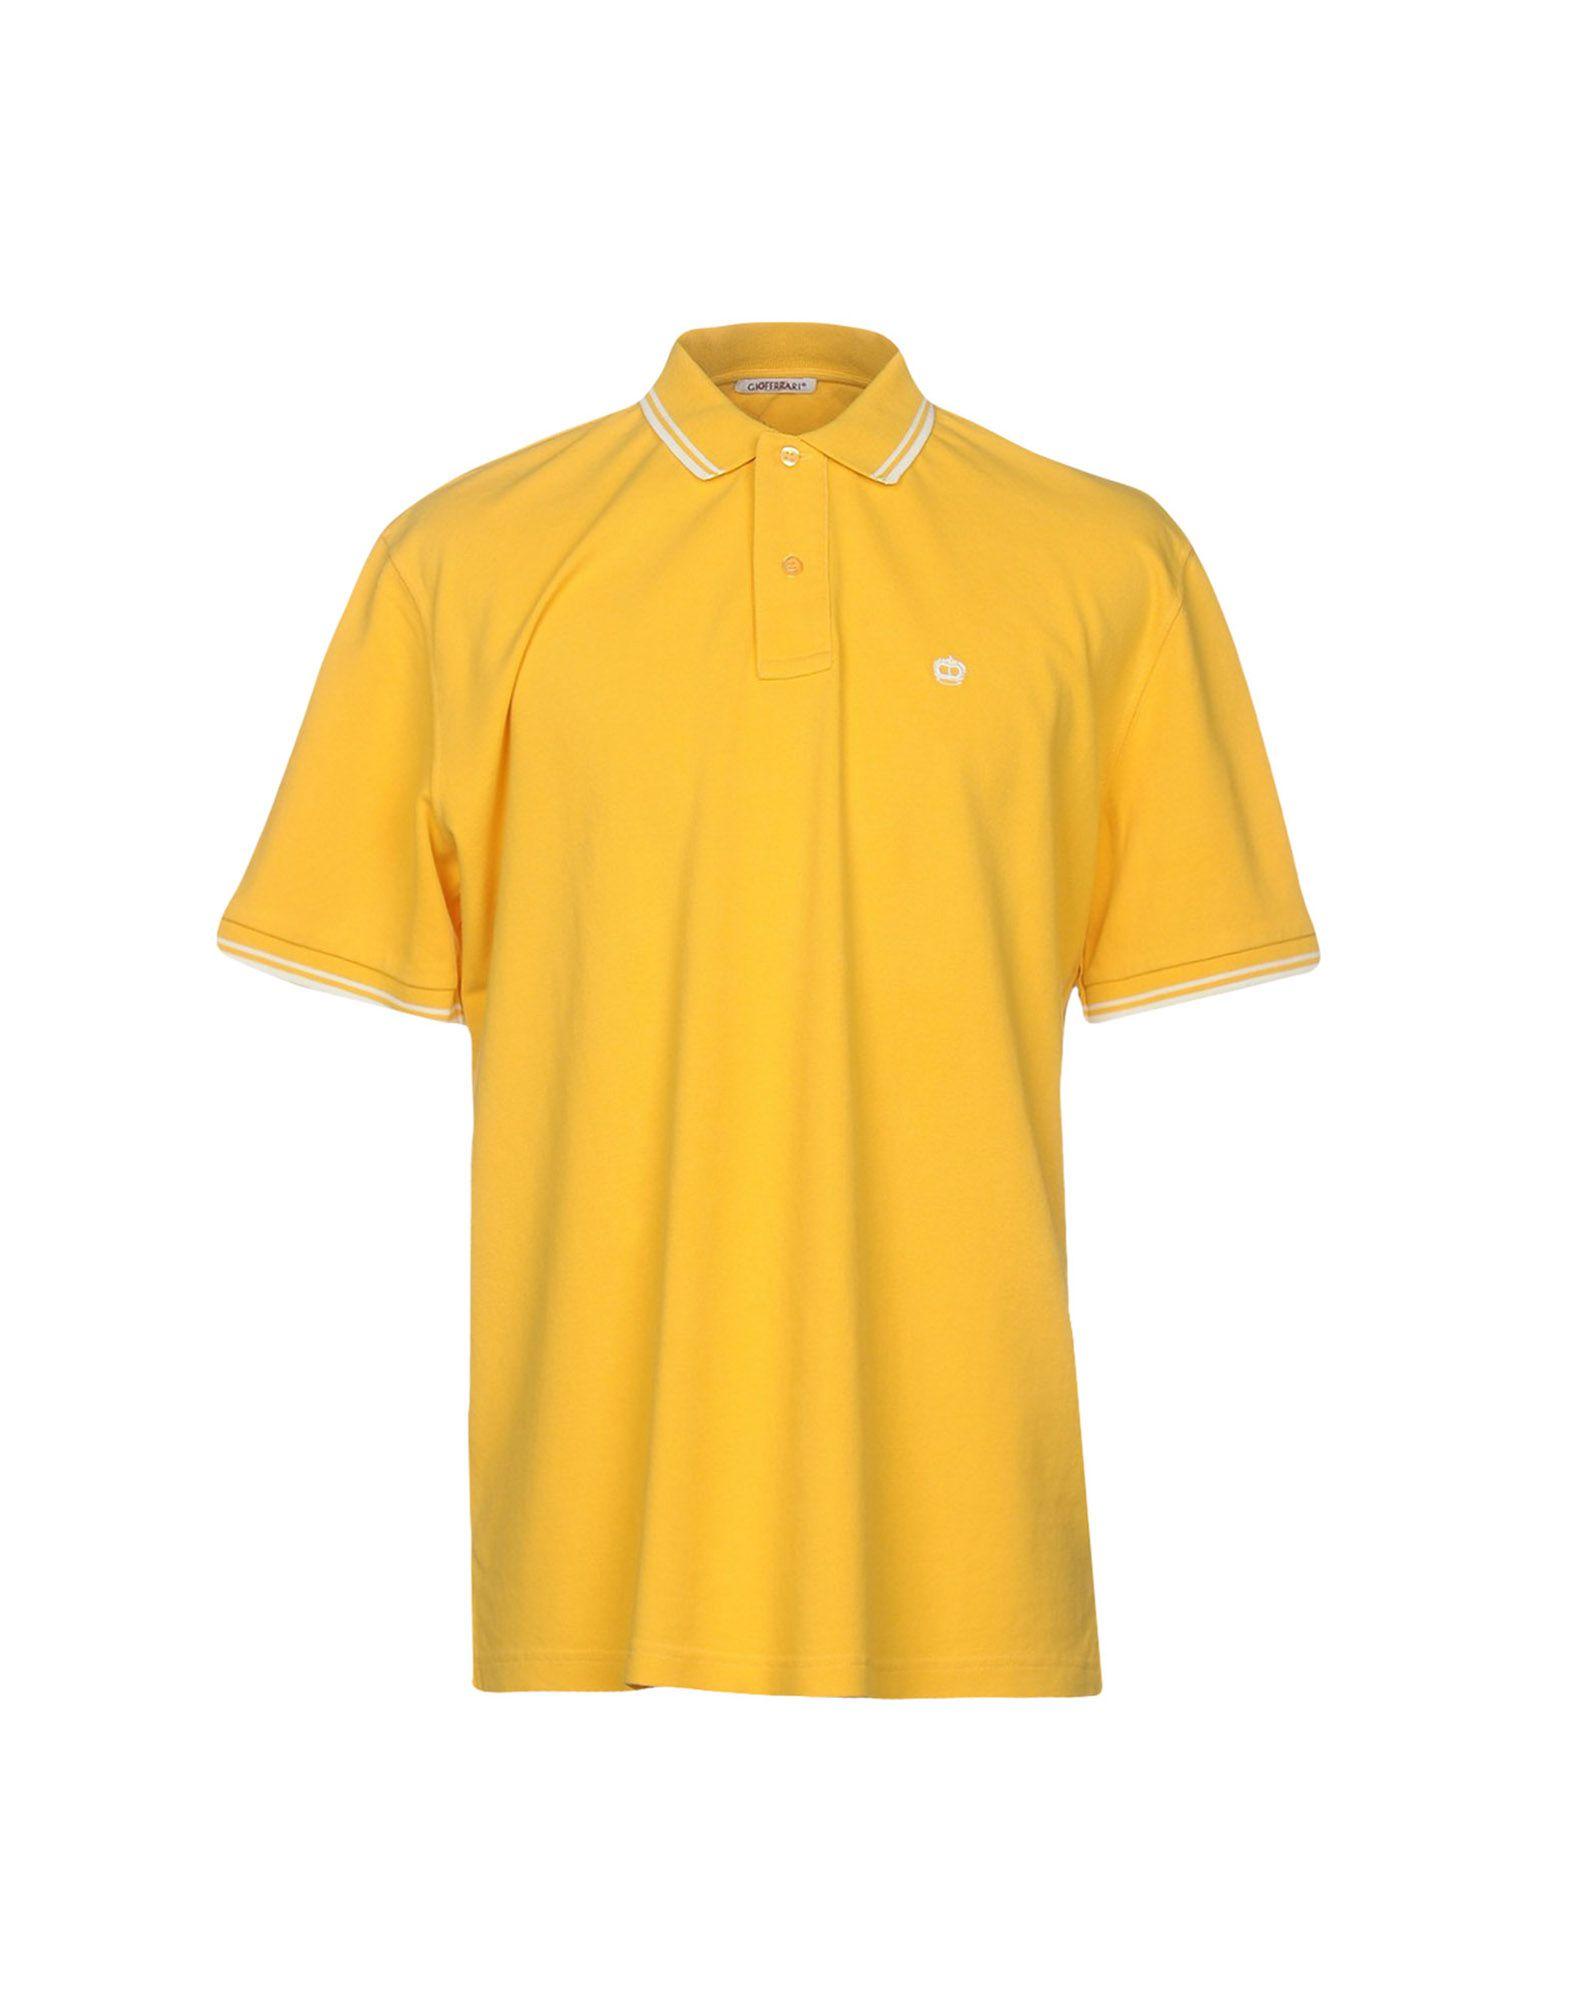 《送料無料》GIOFERRARI メンズ ポロシャツ イエロー 58 コットン 100%